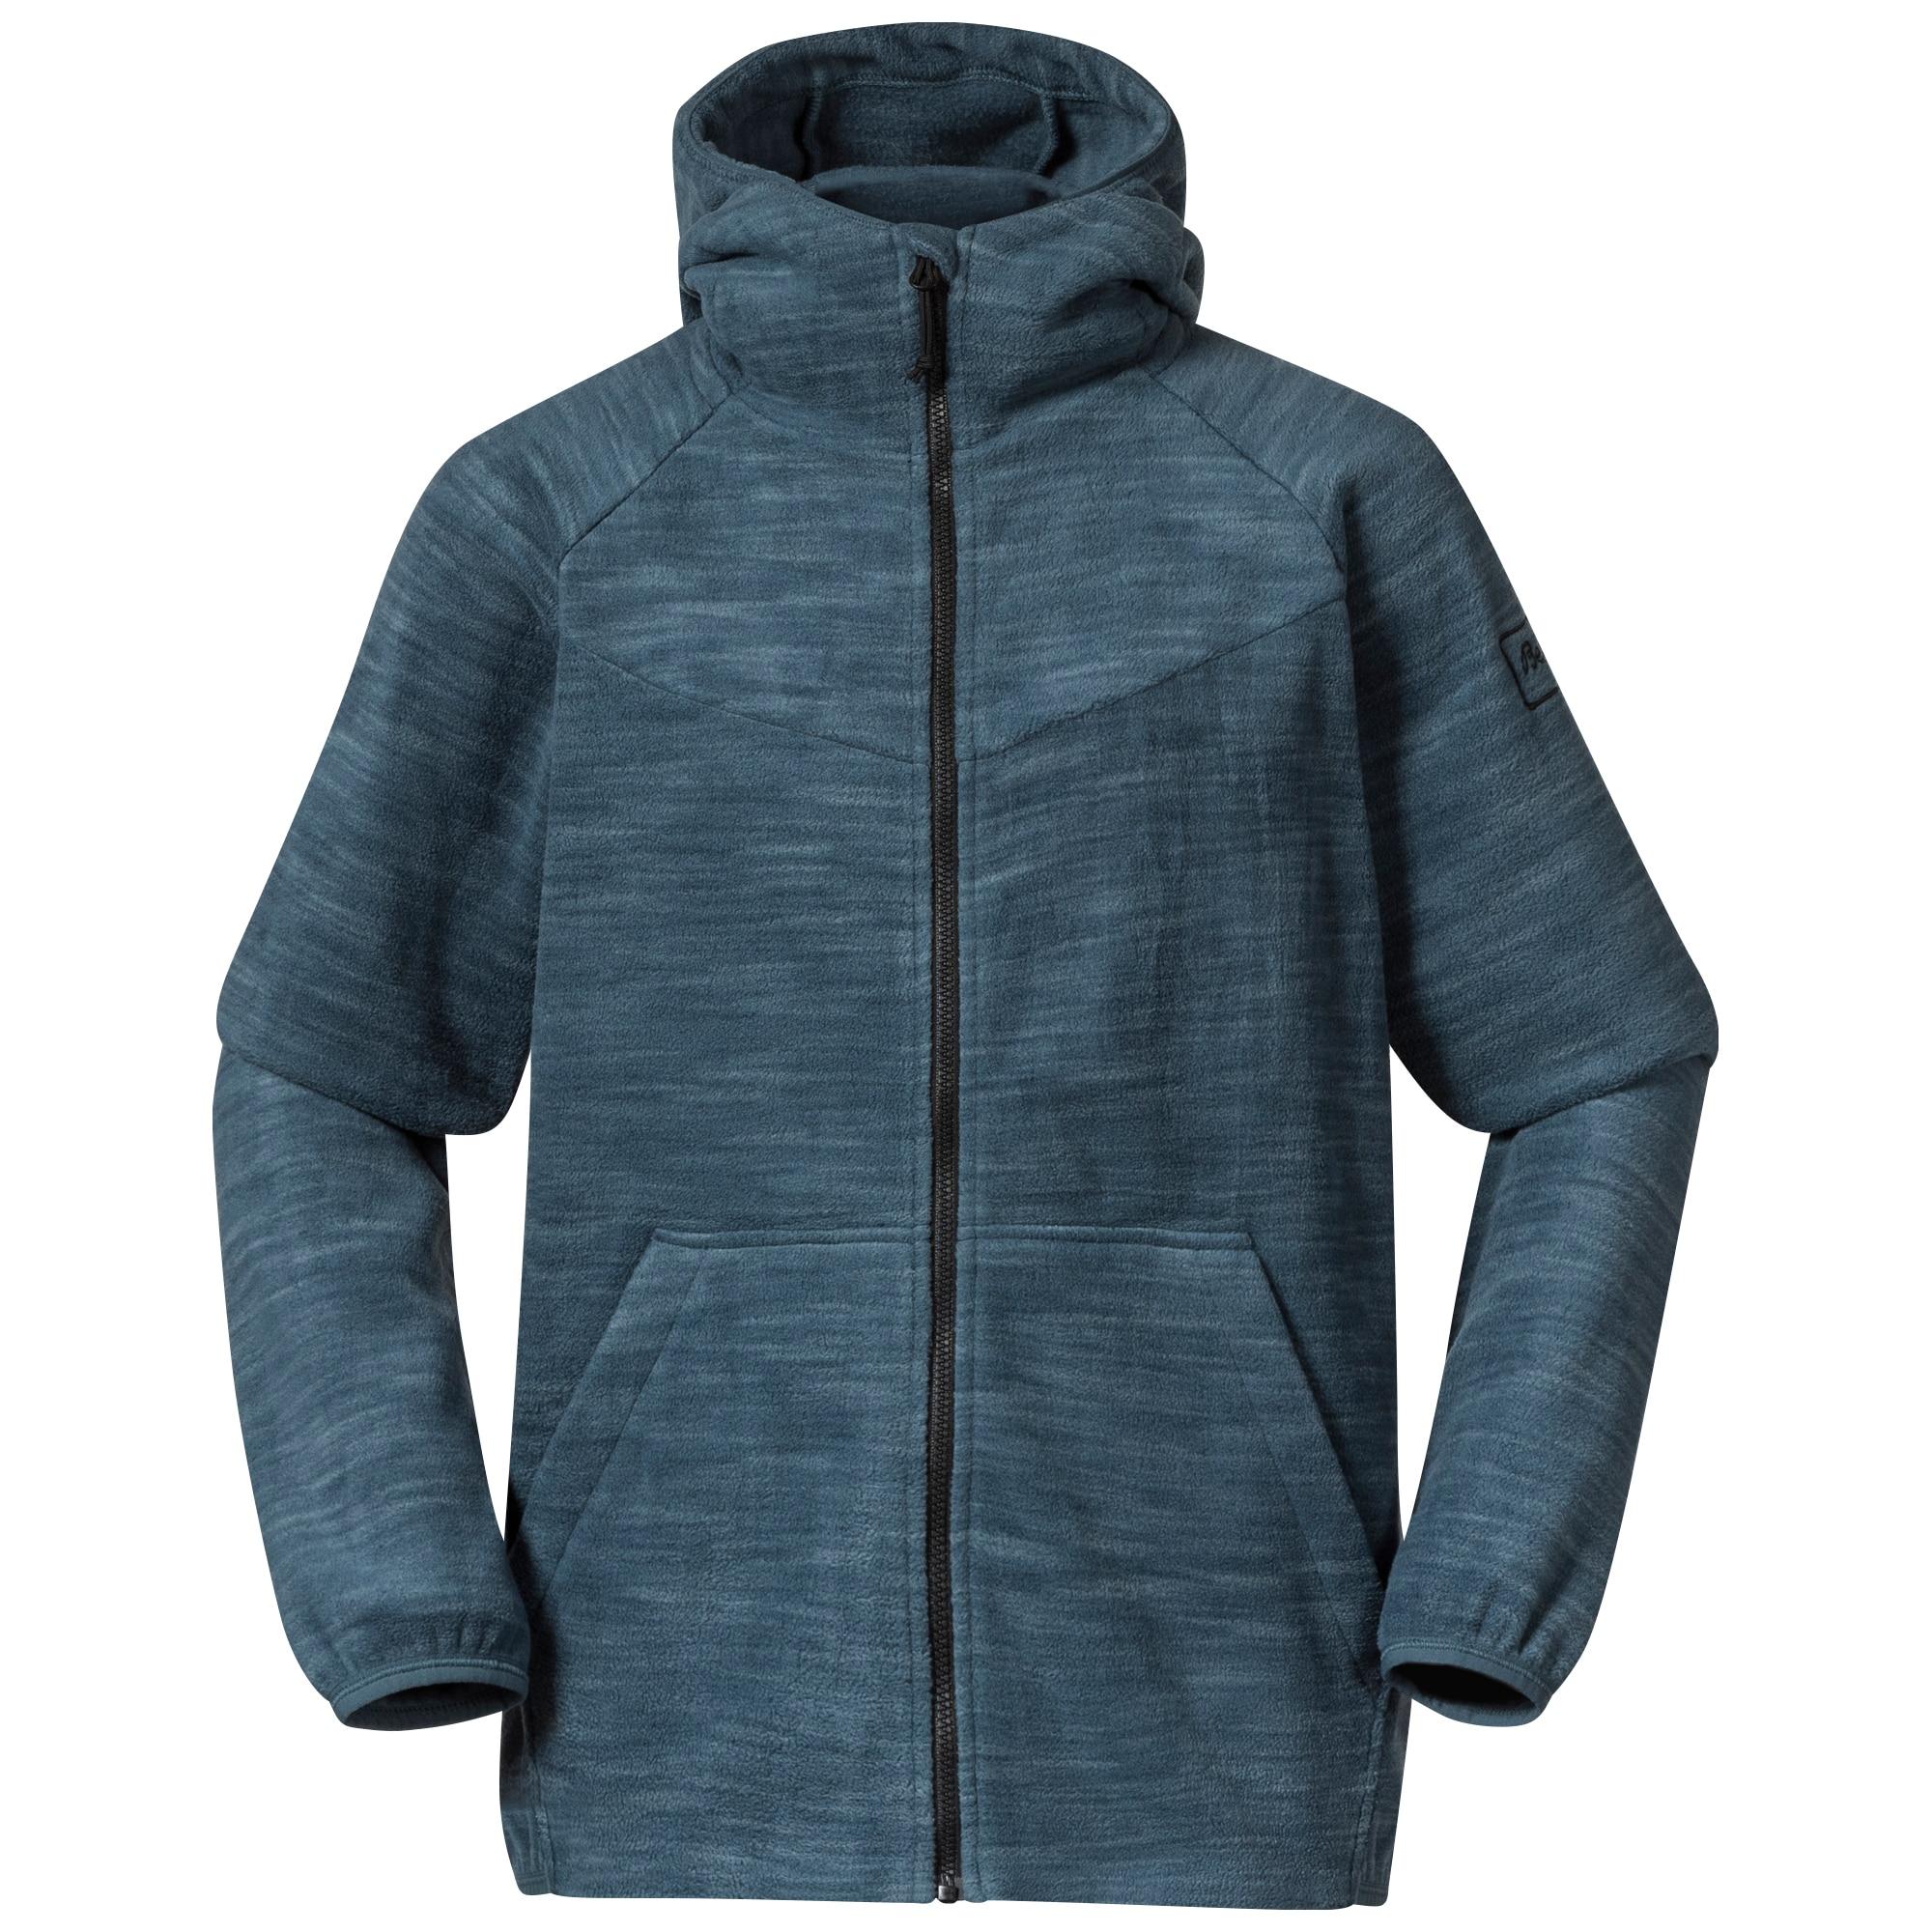 Hareid Youth Jacket